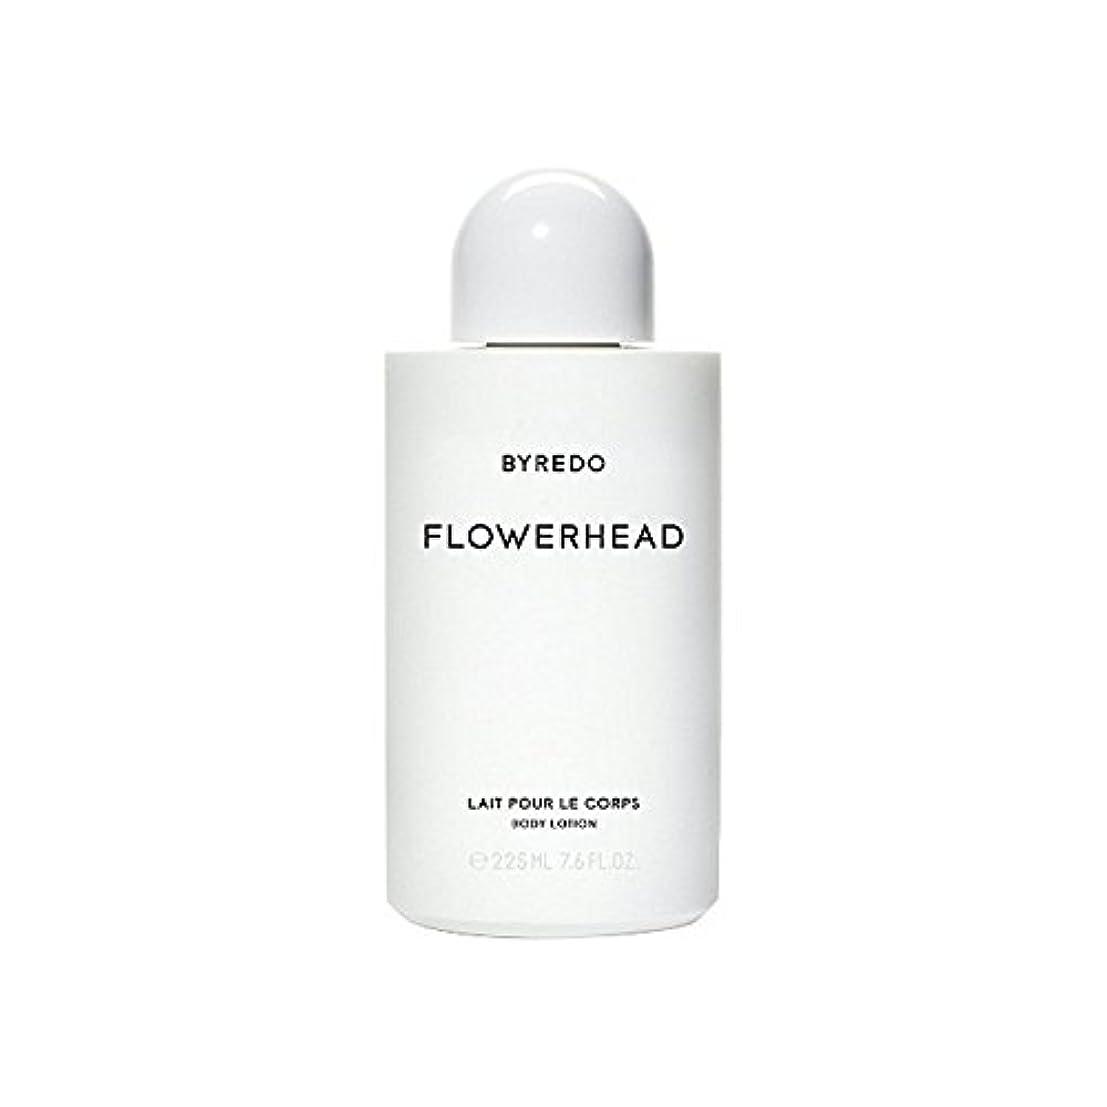 事実勝利掃除ボディローション225ミリリットル x2 - Byredo Flowerhead Body Lotion 225ml (Pack of 2) [並行輸入品]